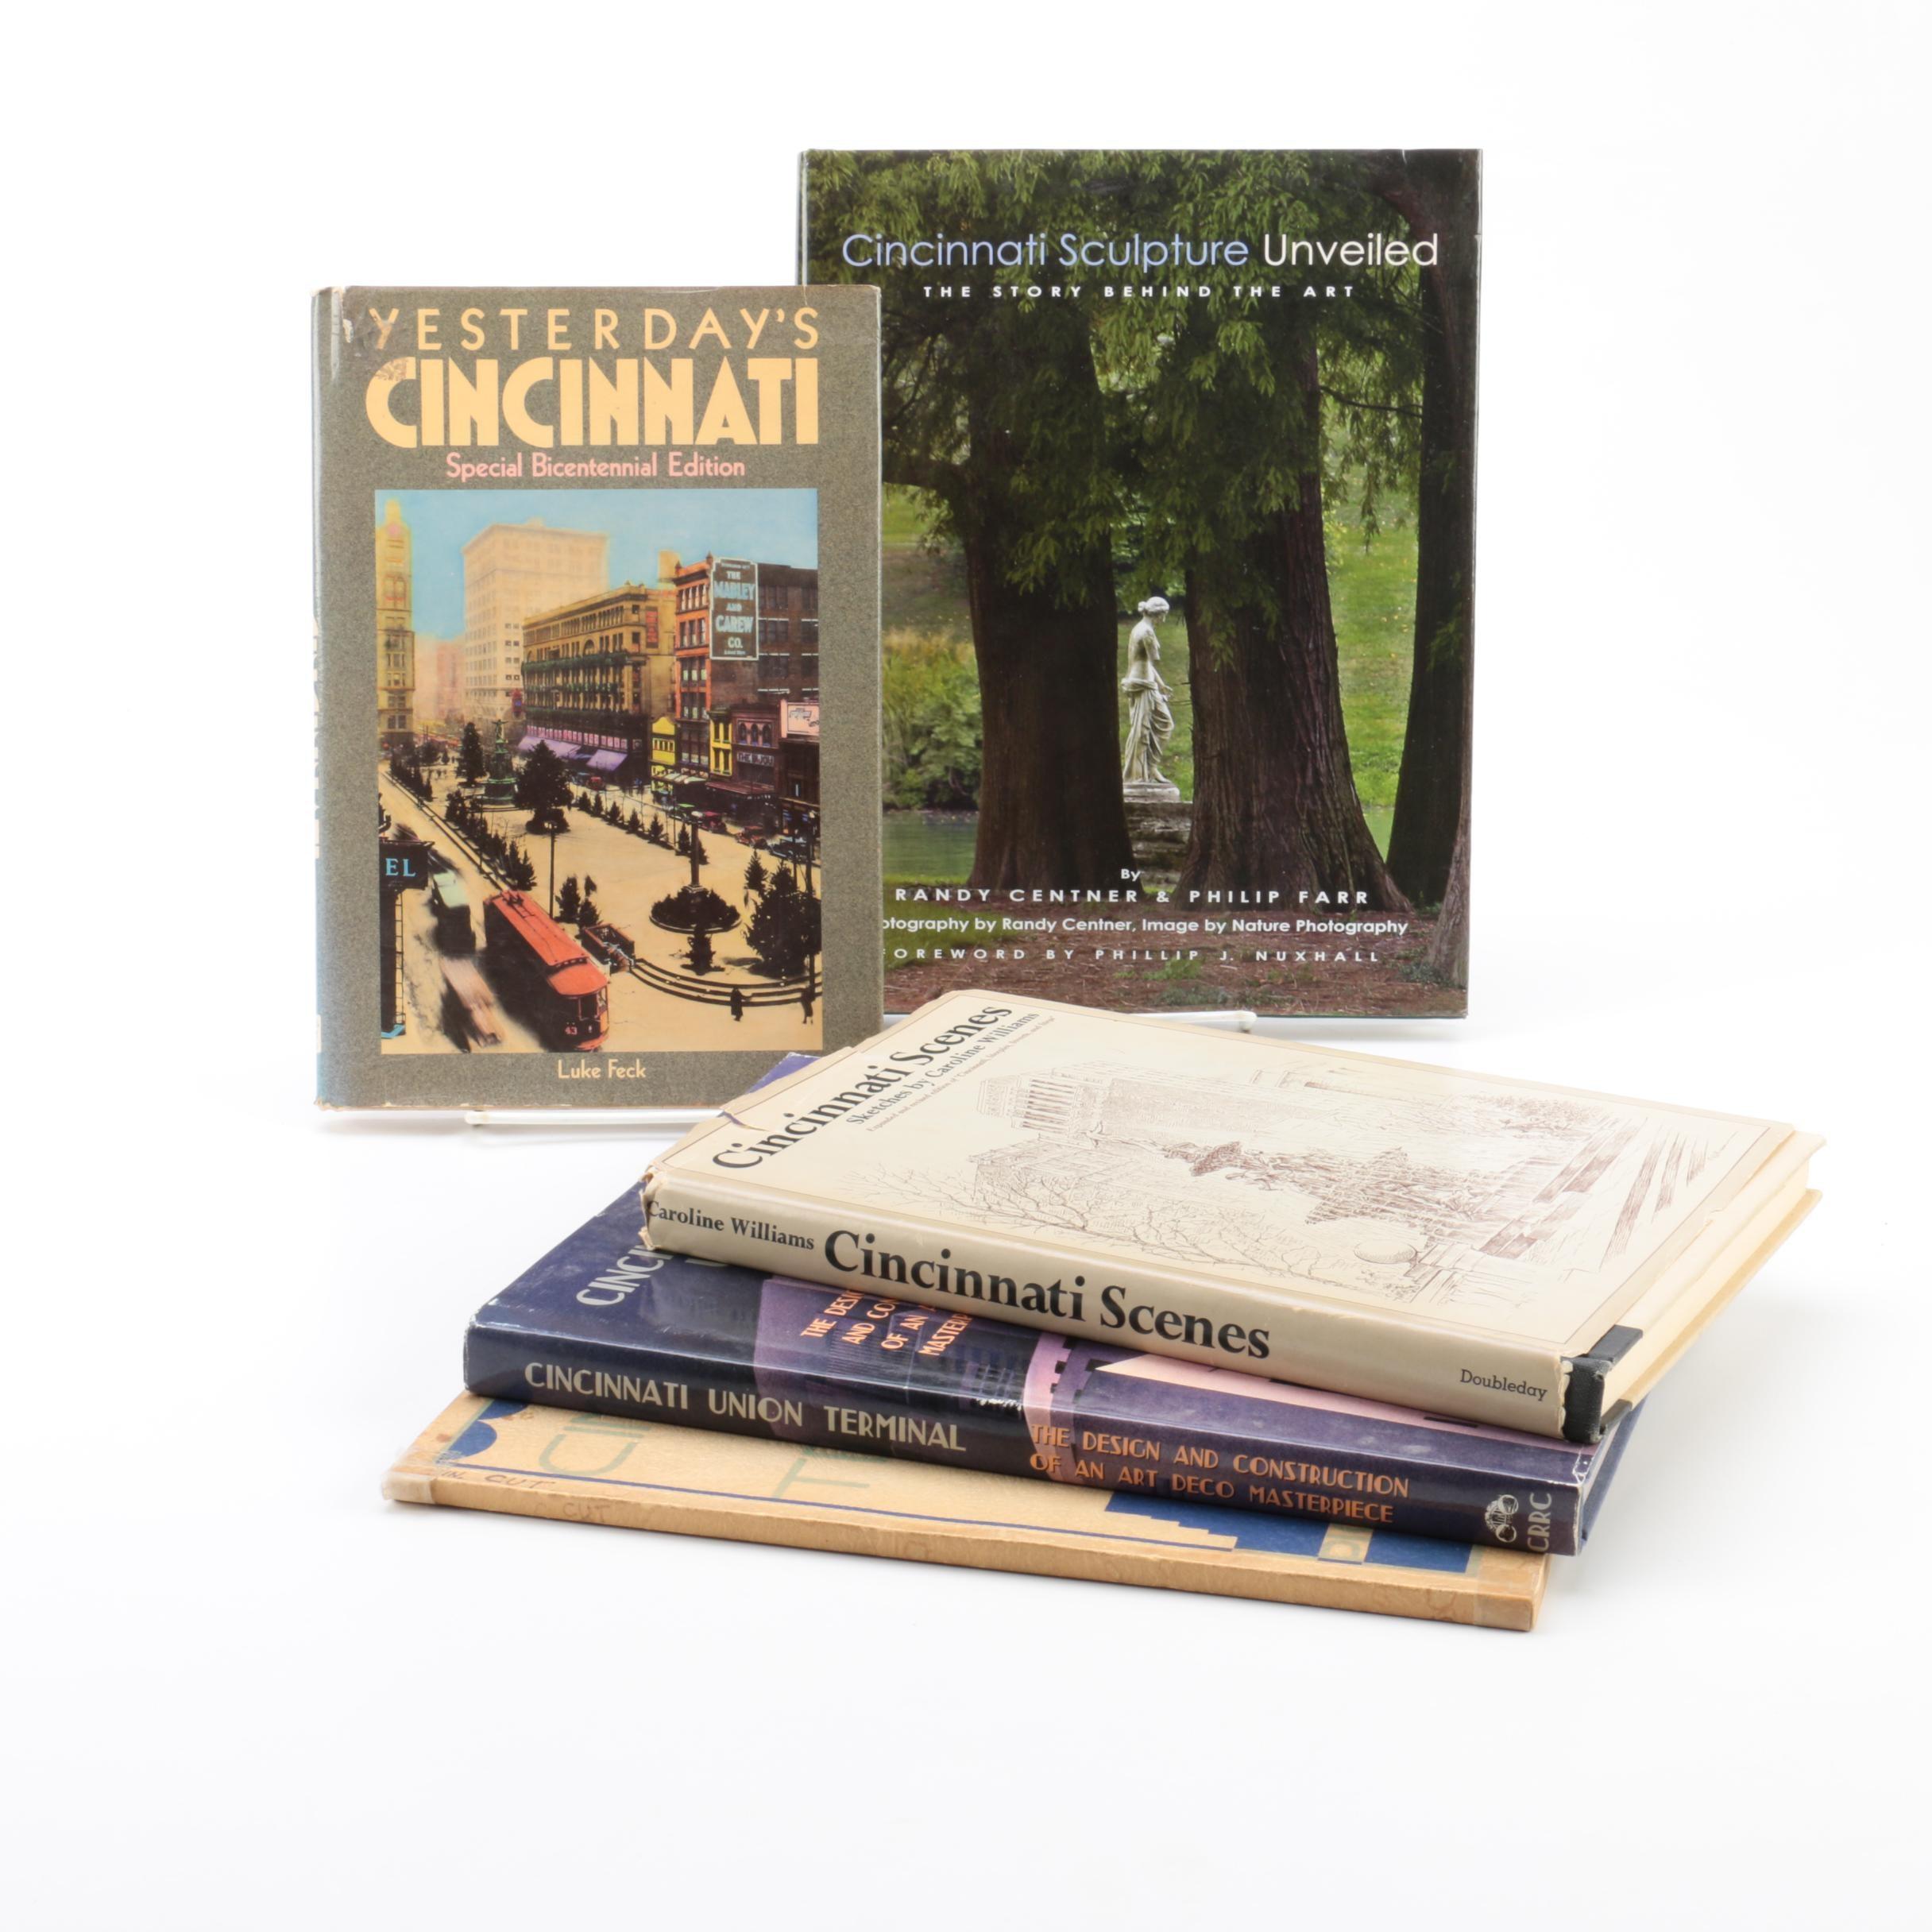 Books on Cincinnati including Caroline Williams and Cincinnati Union Terminal